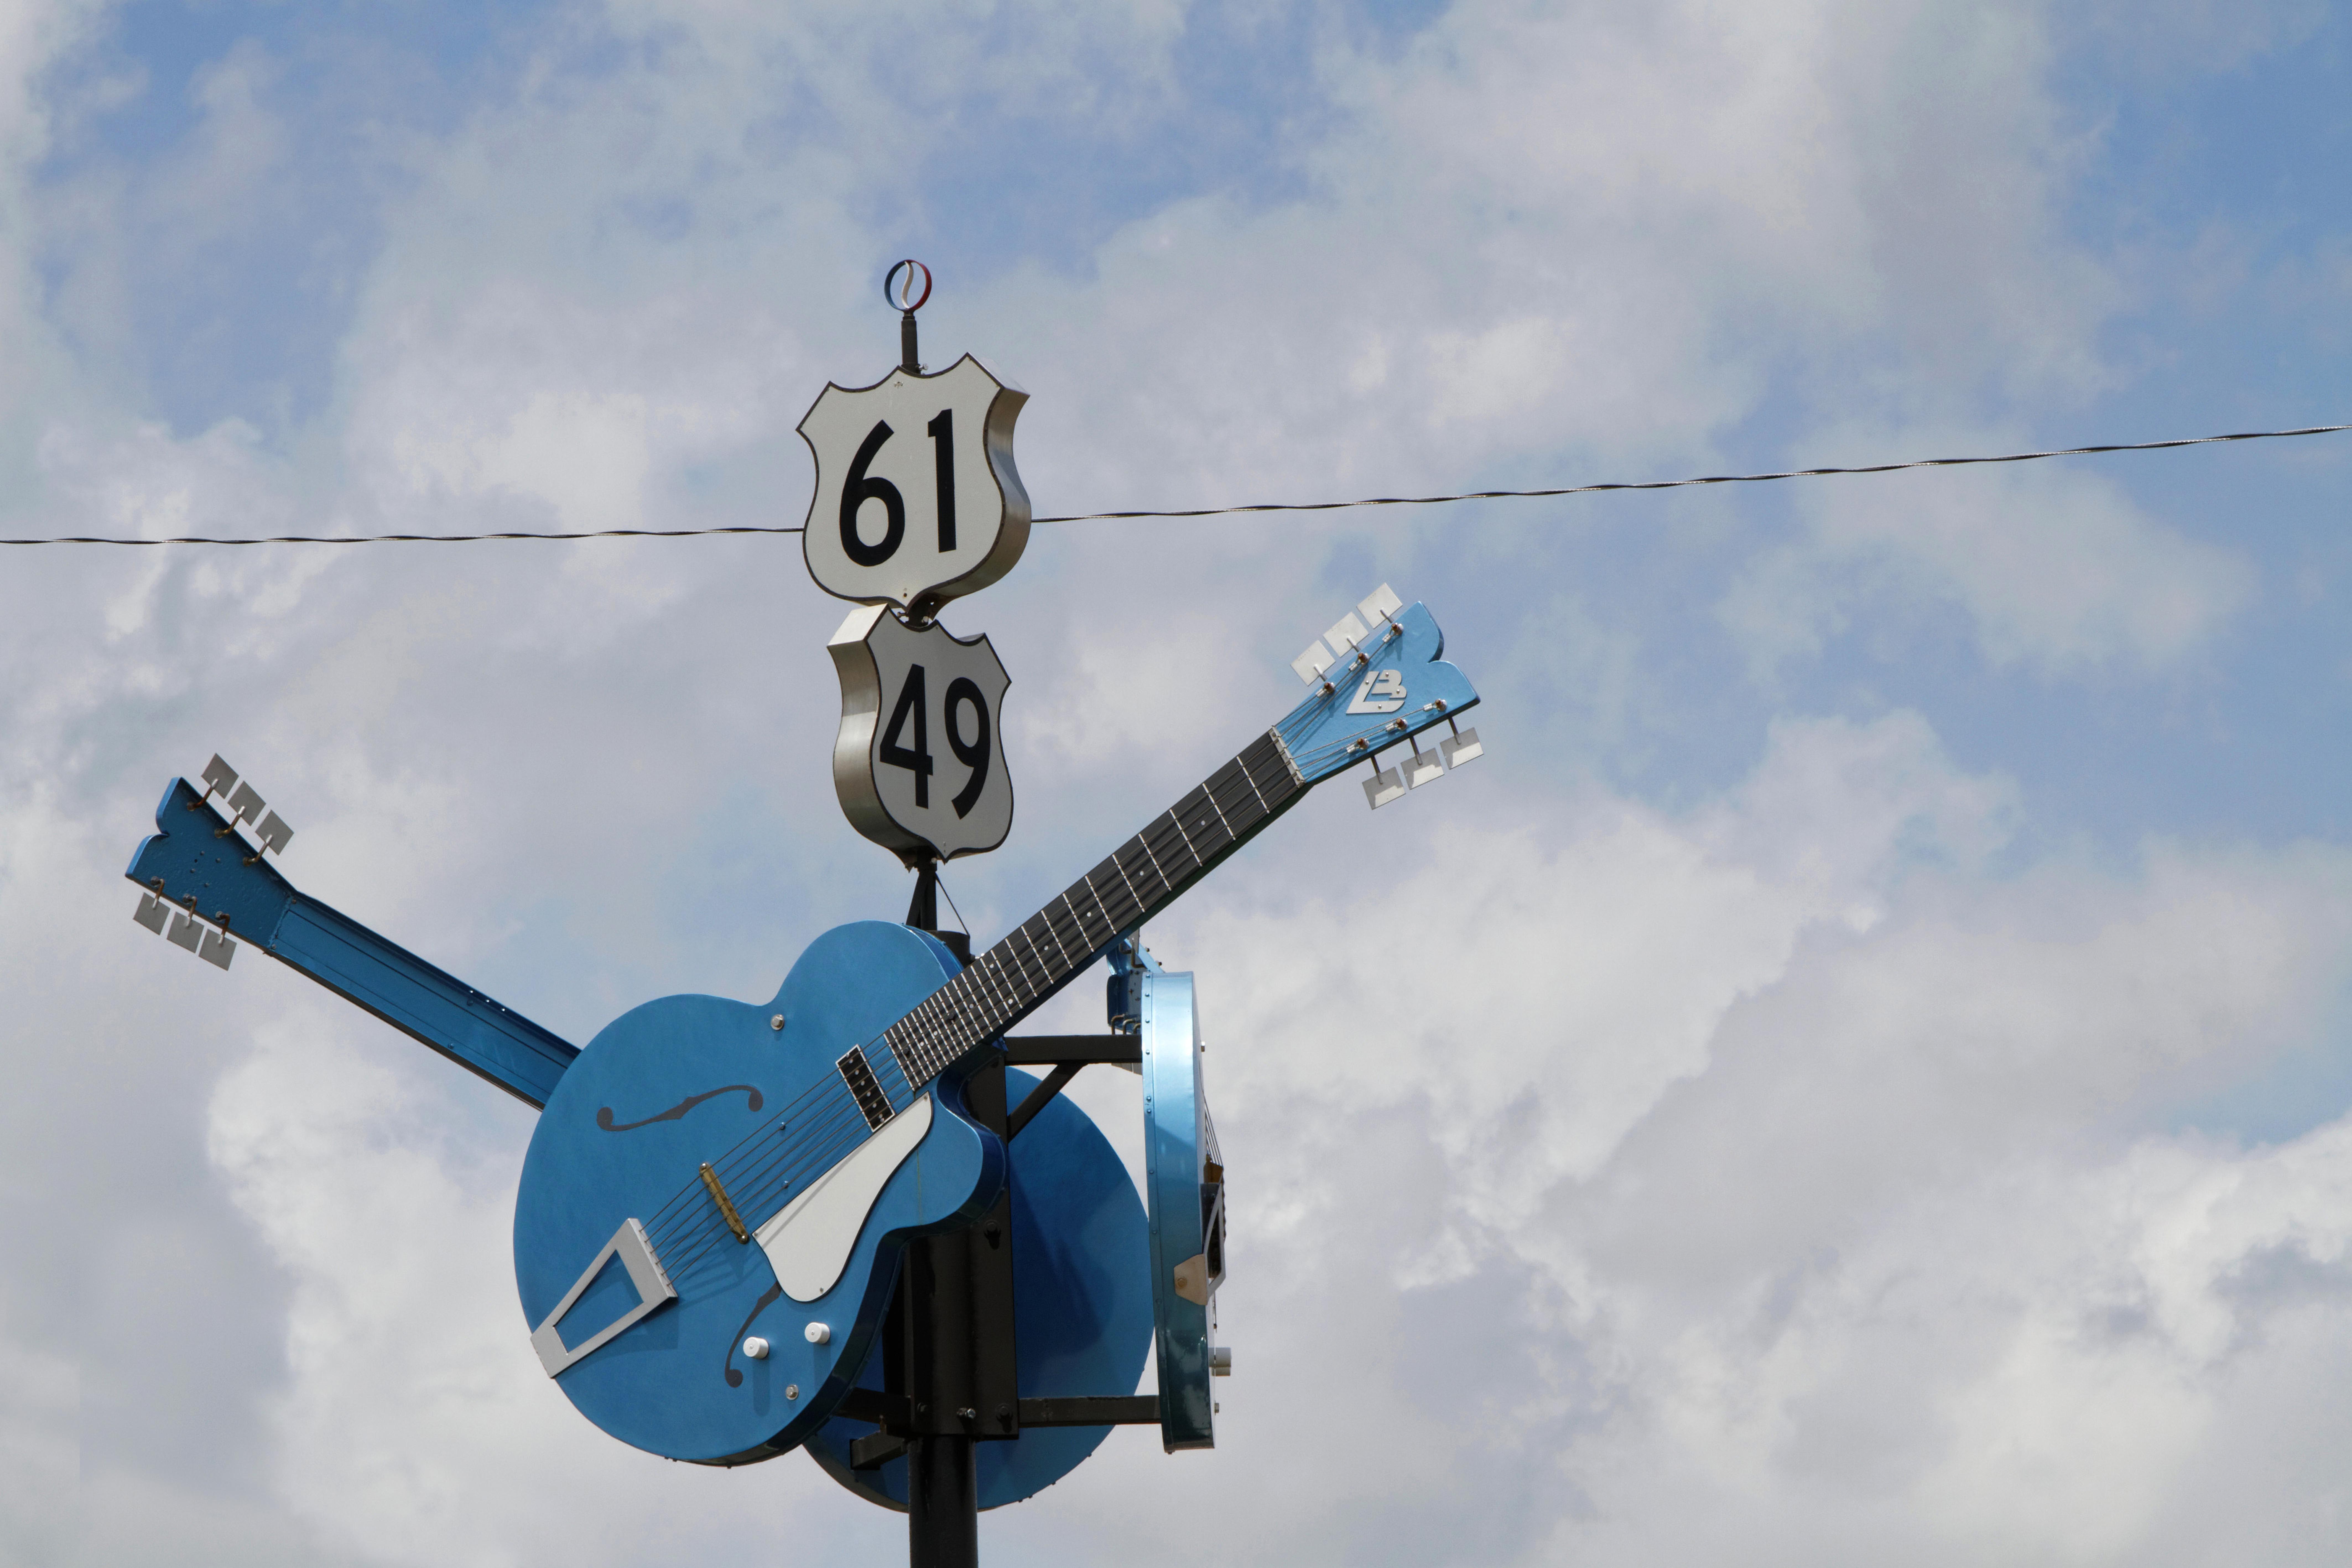 Cruce de la 61 con la 49, marcado por la música. Foto:Pierre Jean Durieu / shutterstock.com